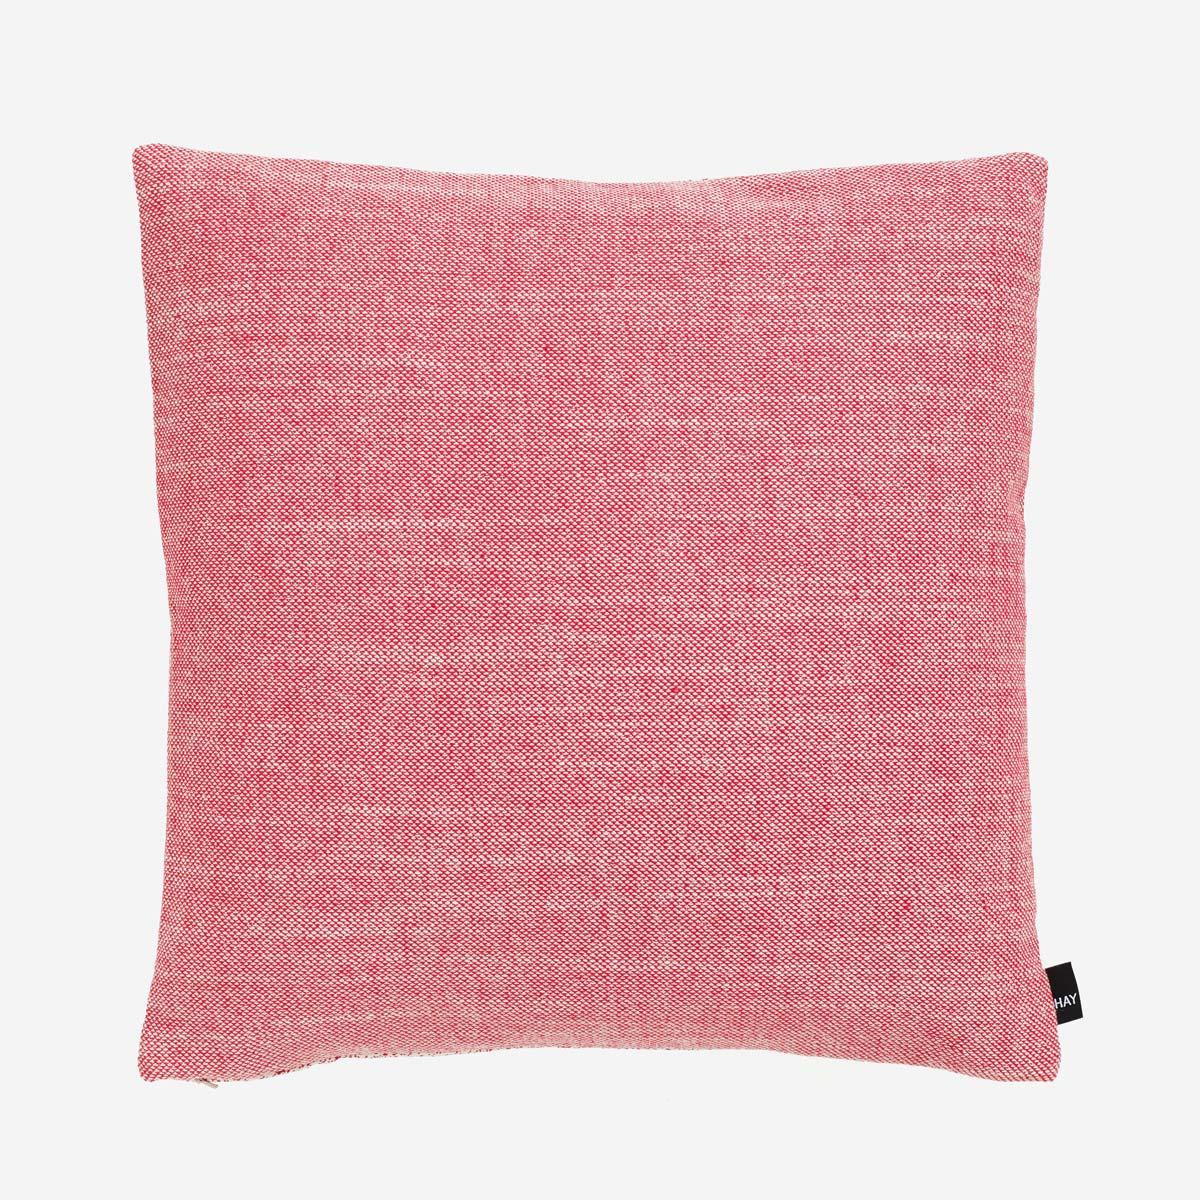 rikiki grafik produkt kissen eclectic rose. Black Bedroom Furniture Sets. Home Design Ideas